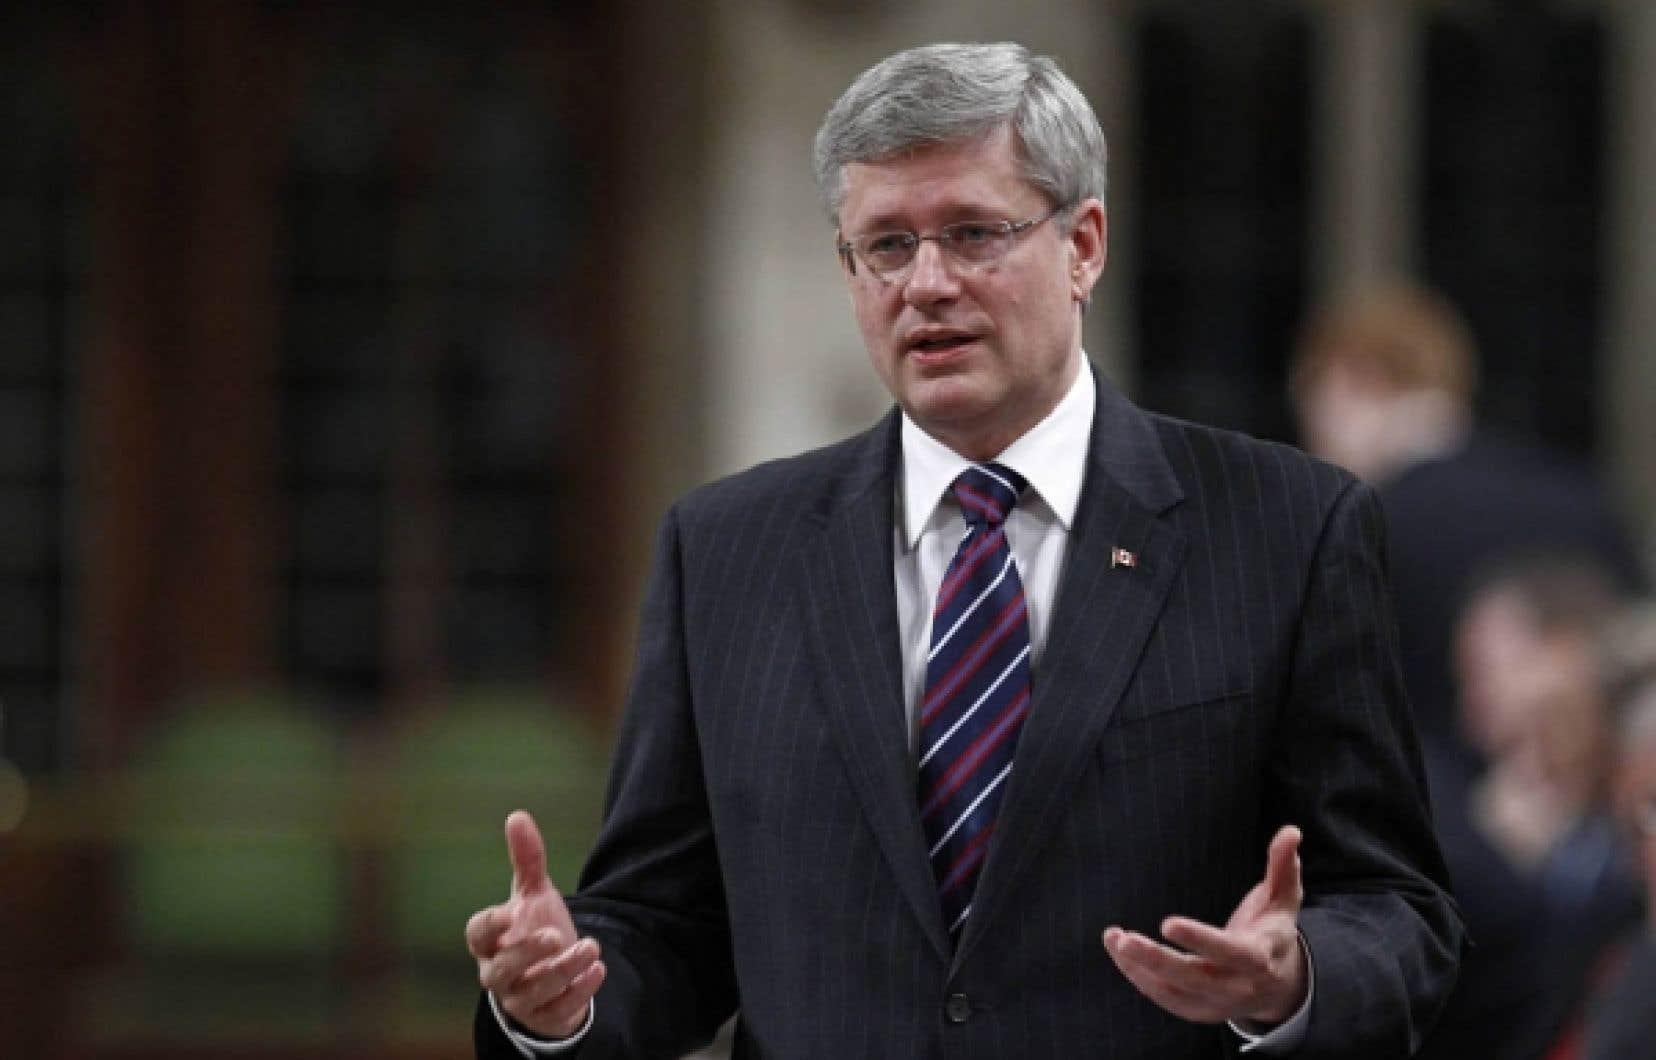 C'est le gouvernement Harper qui en sera étonné: les Canadiens — y compris une majorité d'électeurs conservateurs — se disent prêts à payer des impôts plus élevés si cela peut permettre de maintenir en place certains services publics et de réduire les inégalités au pays, révèle un sondage pancanadien qui met à mal certaines idées reçues dans le discours politique canadien.